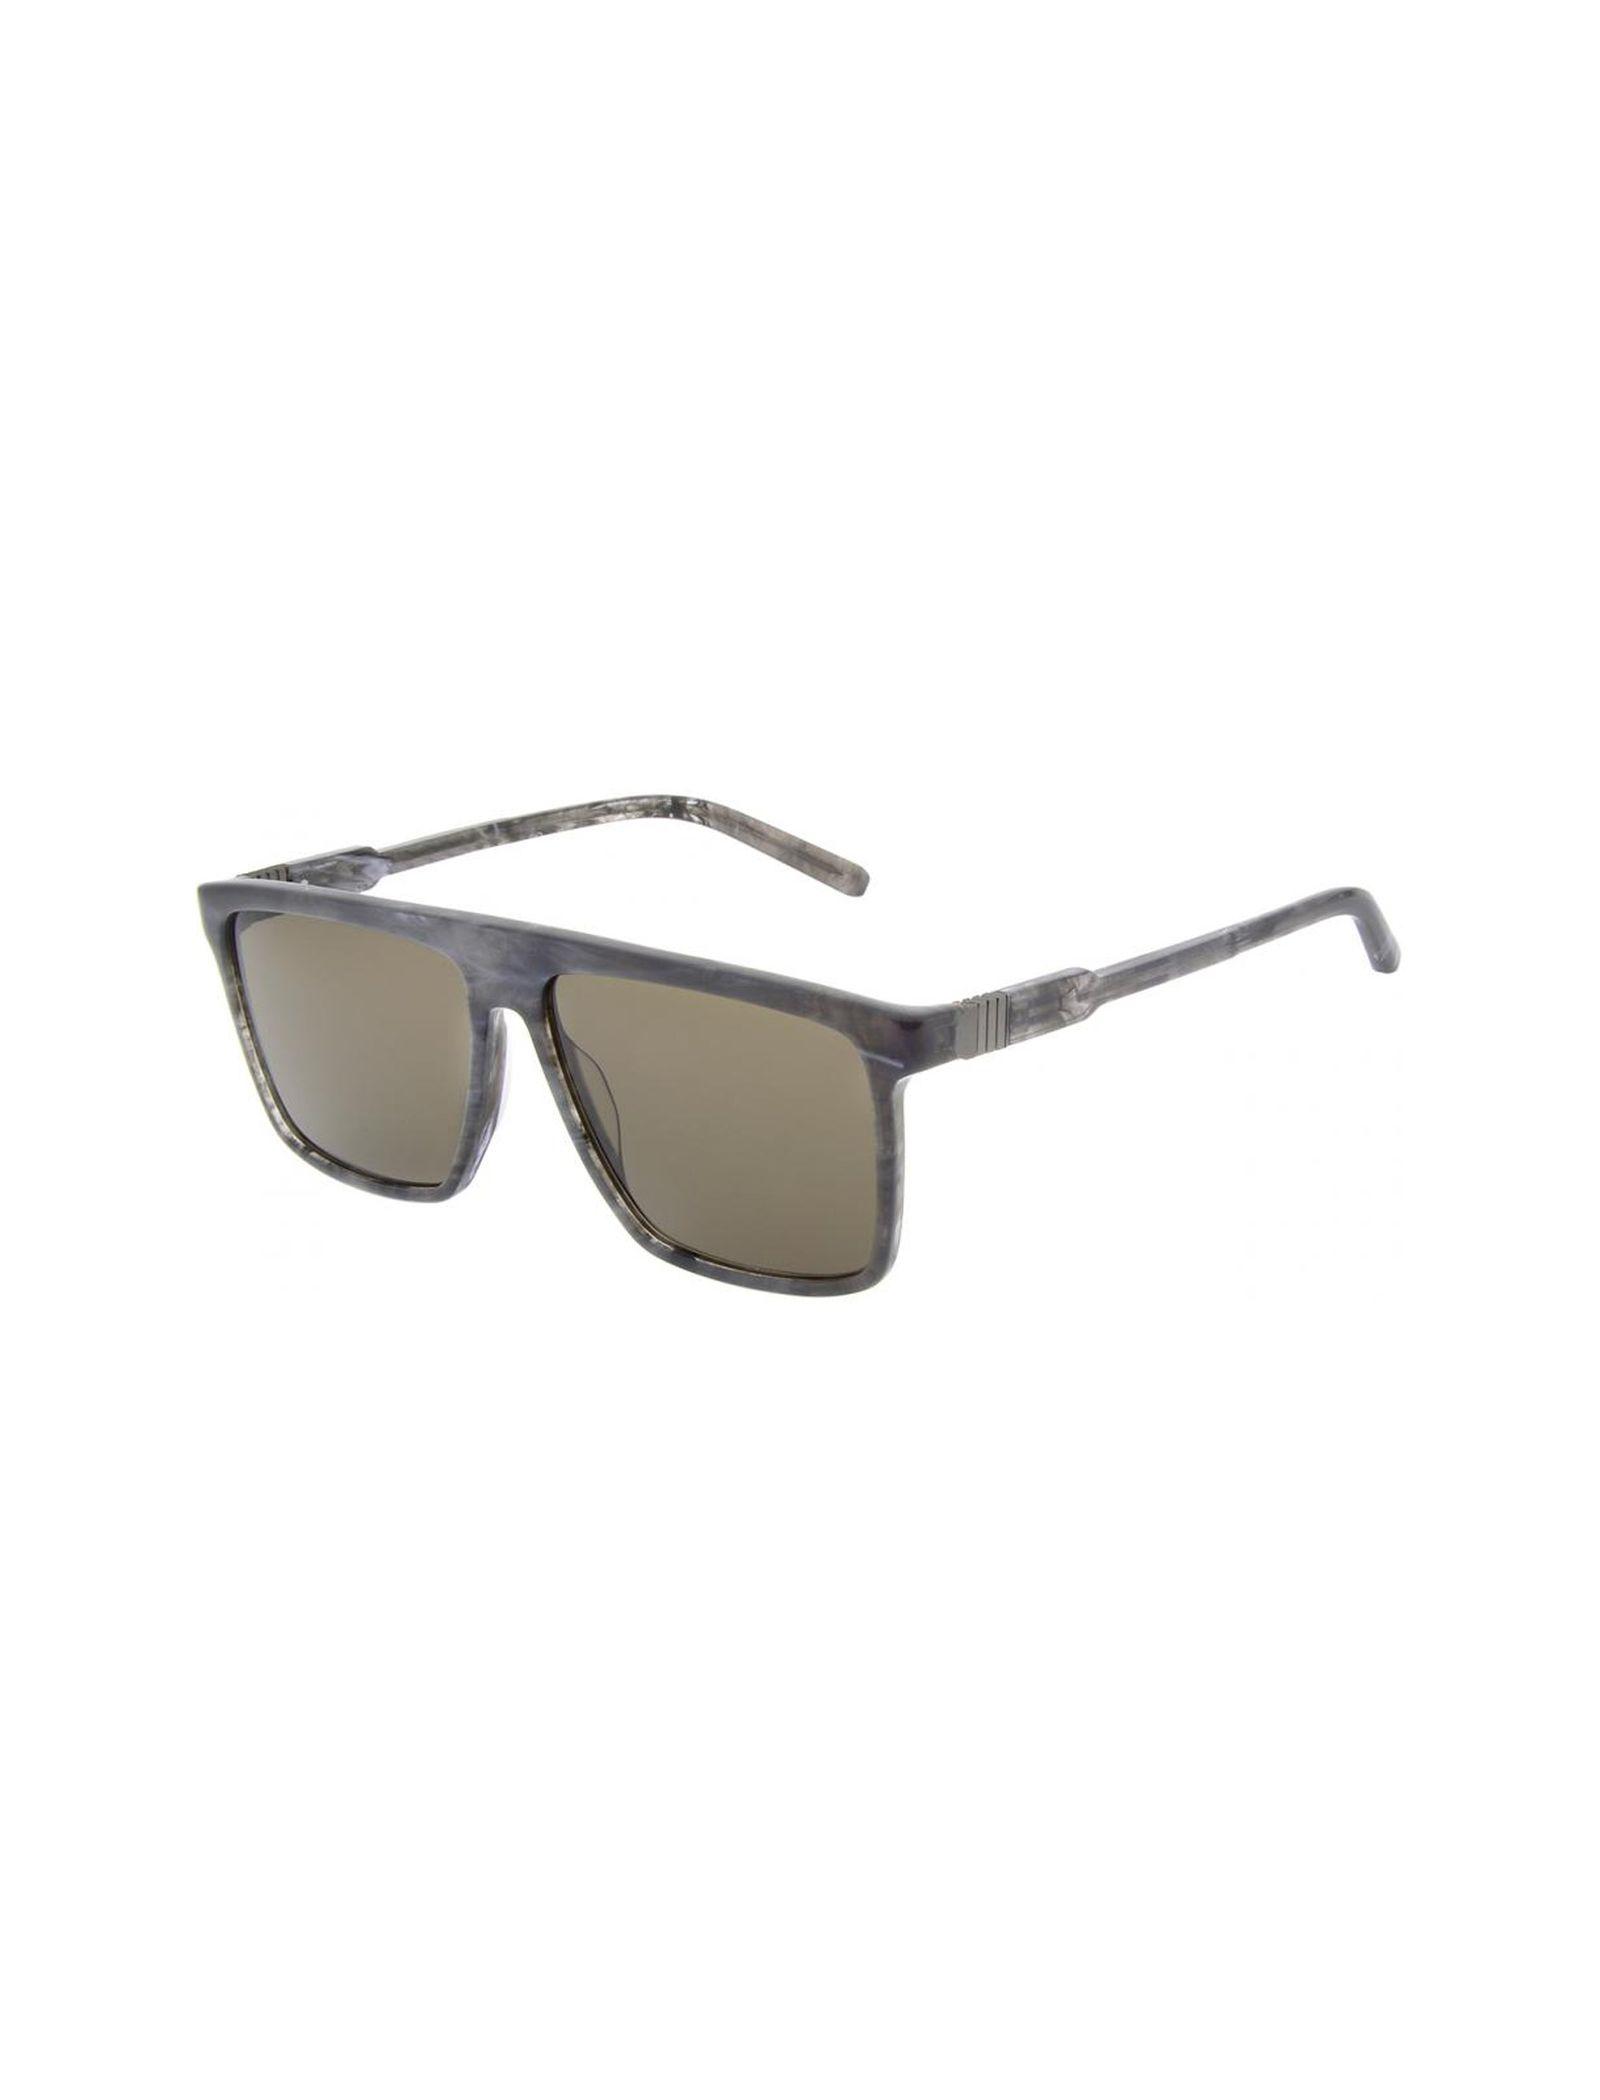 عینک آفتابی خلبانی مردانه - اسپاین - طوسي - 1